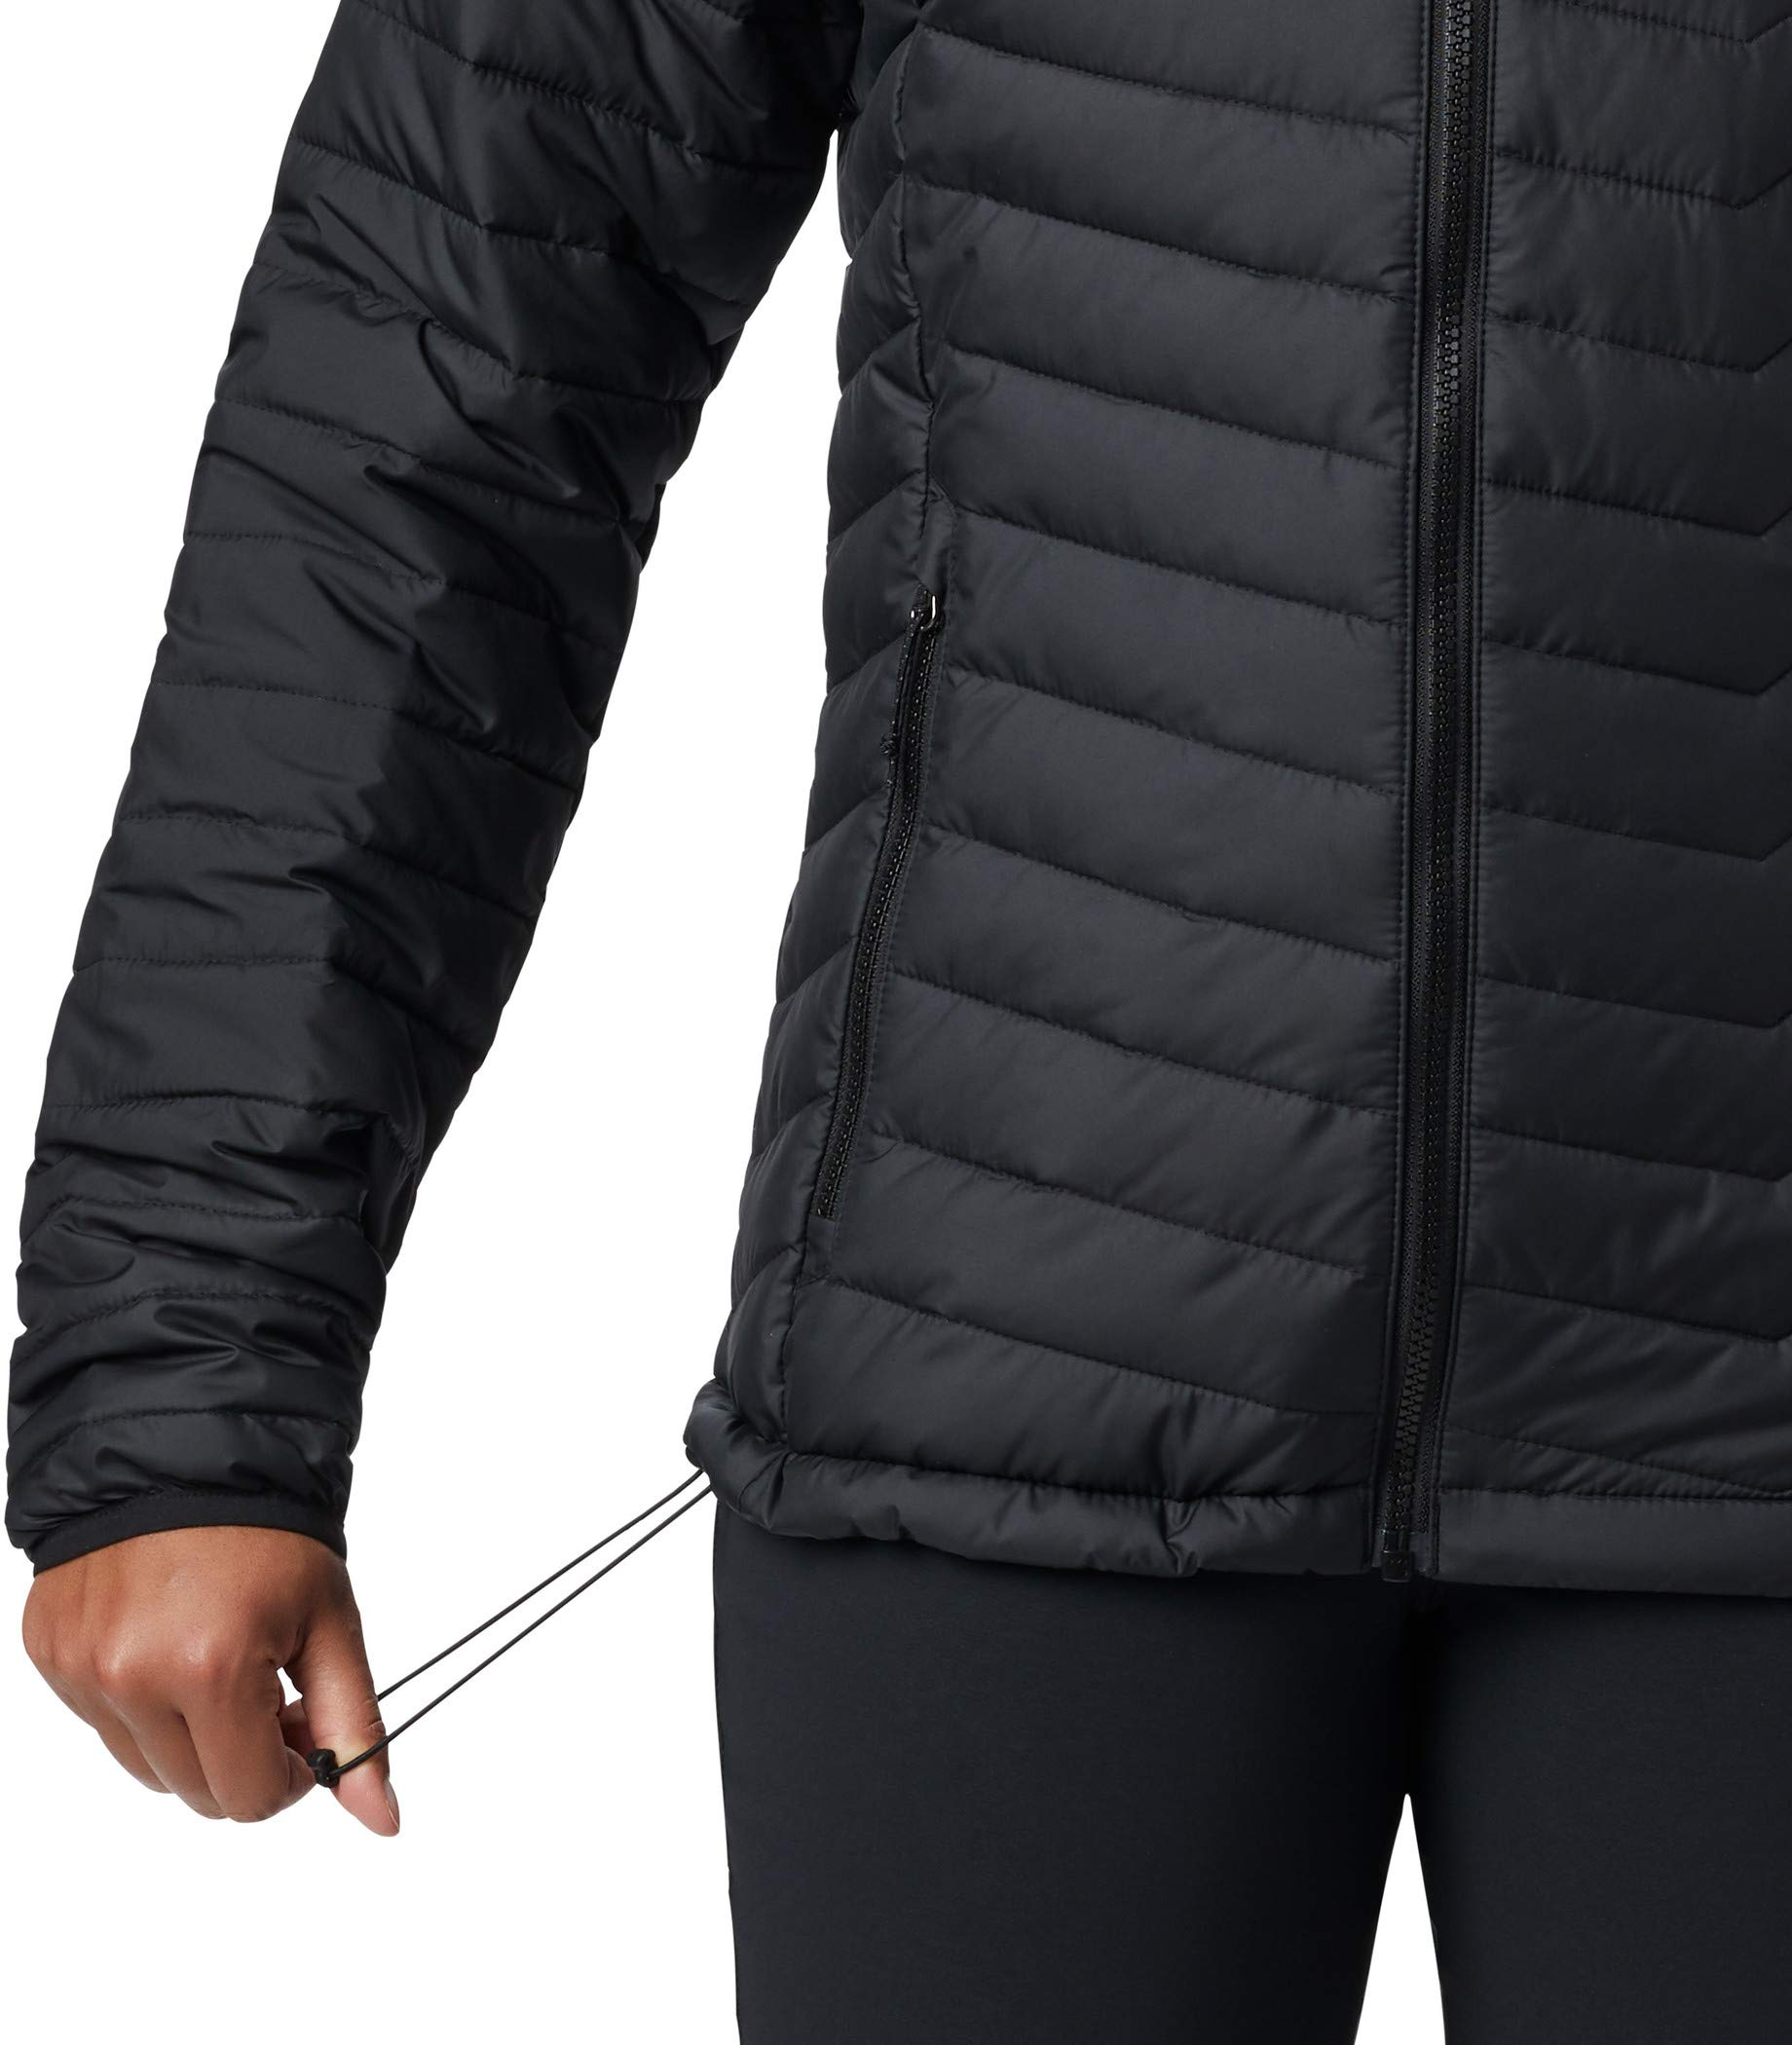 71ZTIWq8HbL - Columbia Women's Powder Lite Jacket